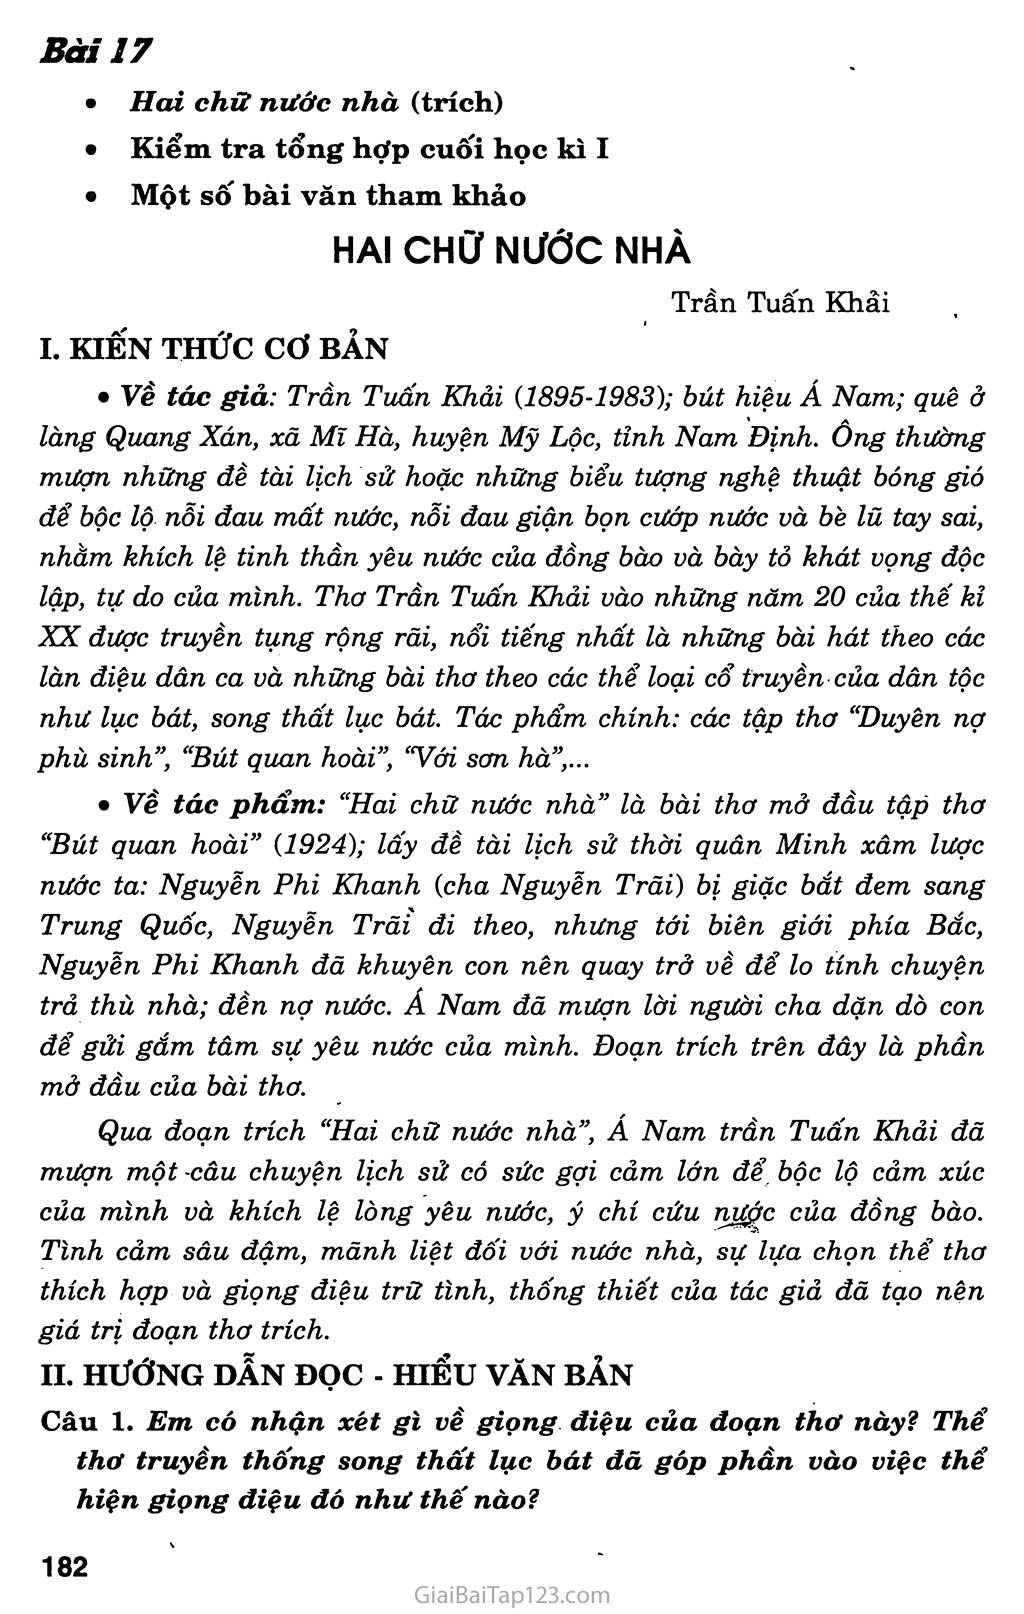 Hai chữ nước nhà (trích) trang 1